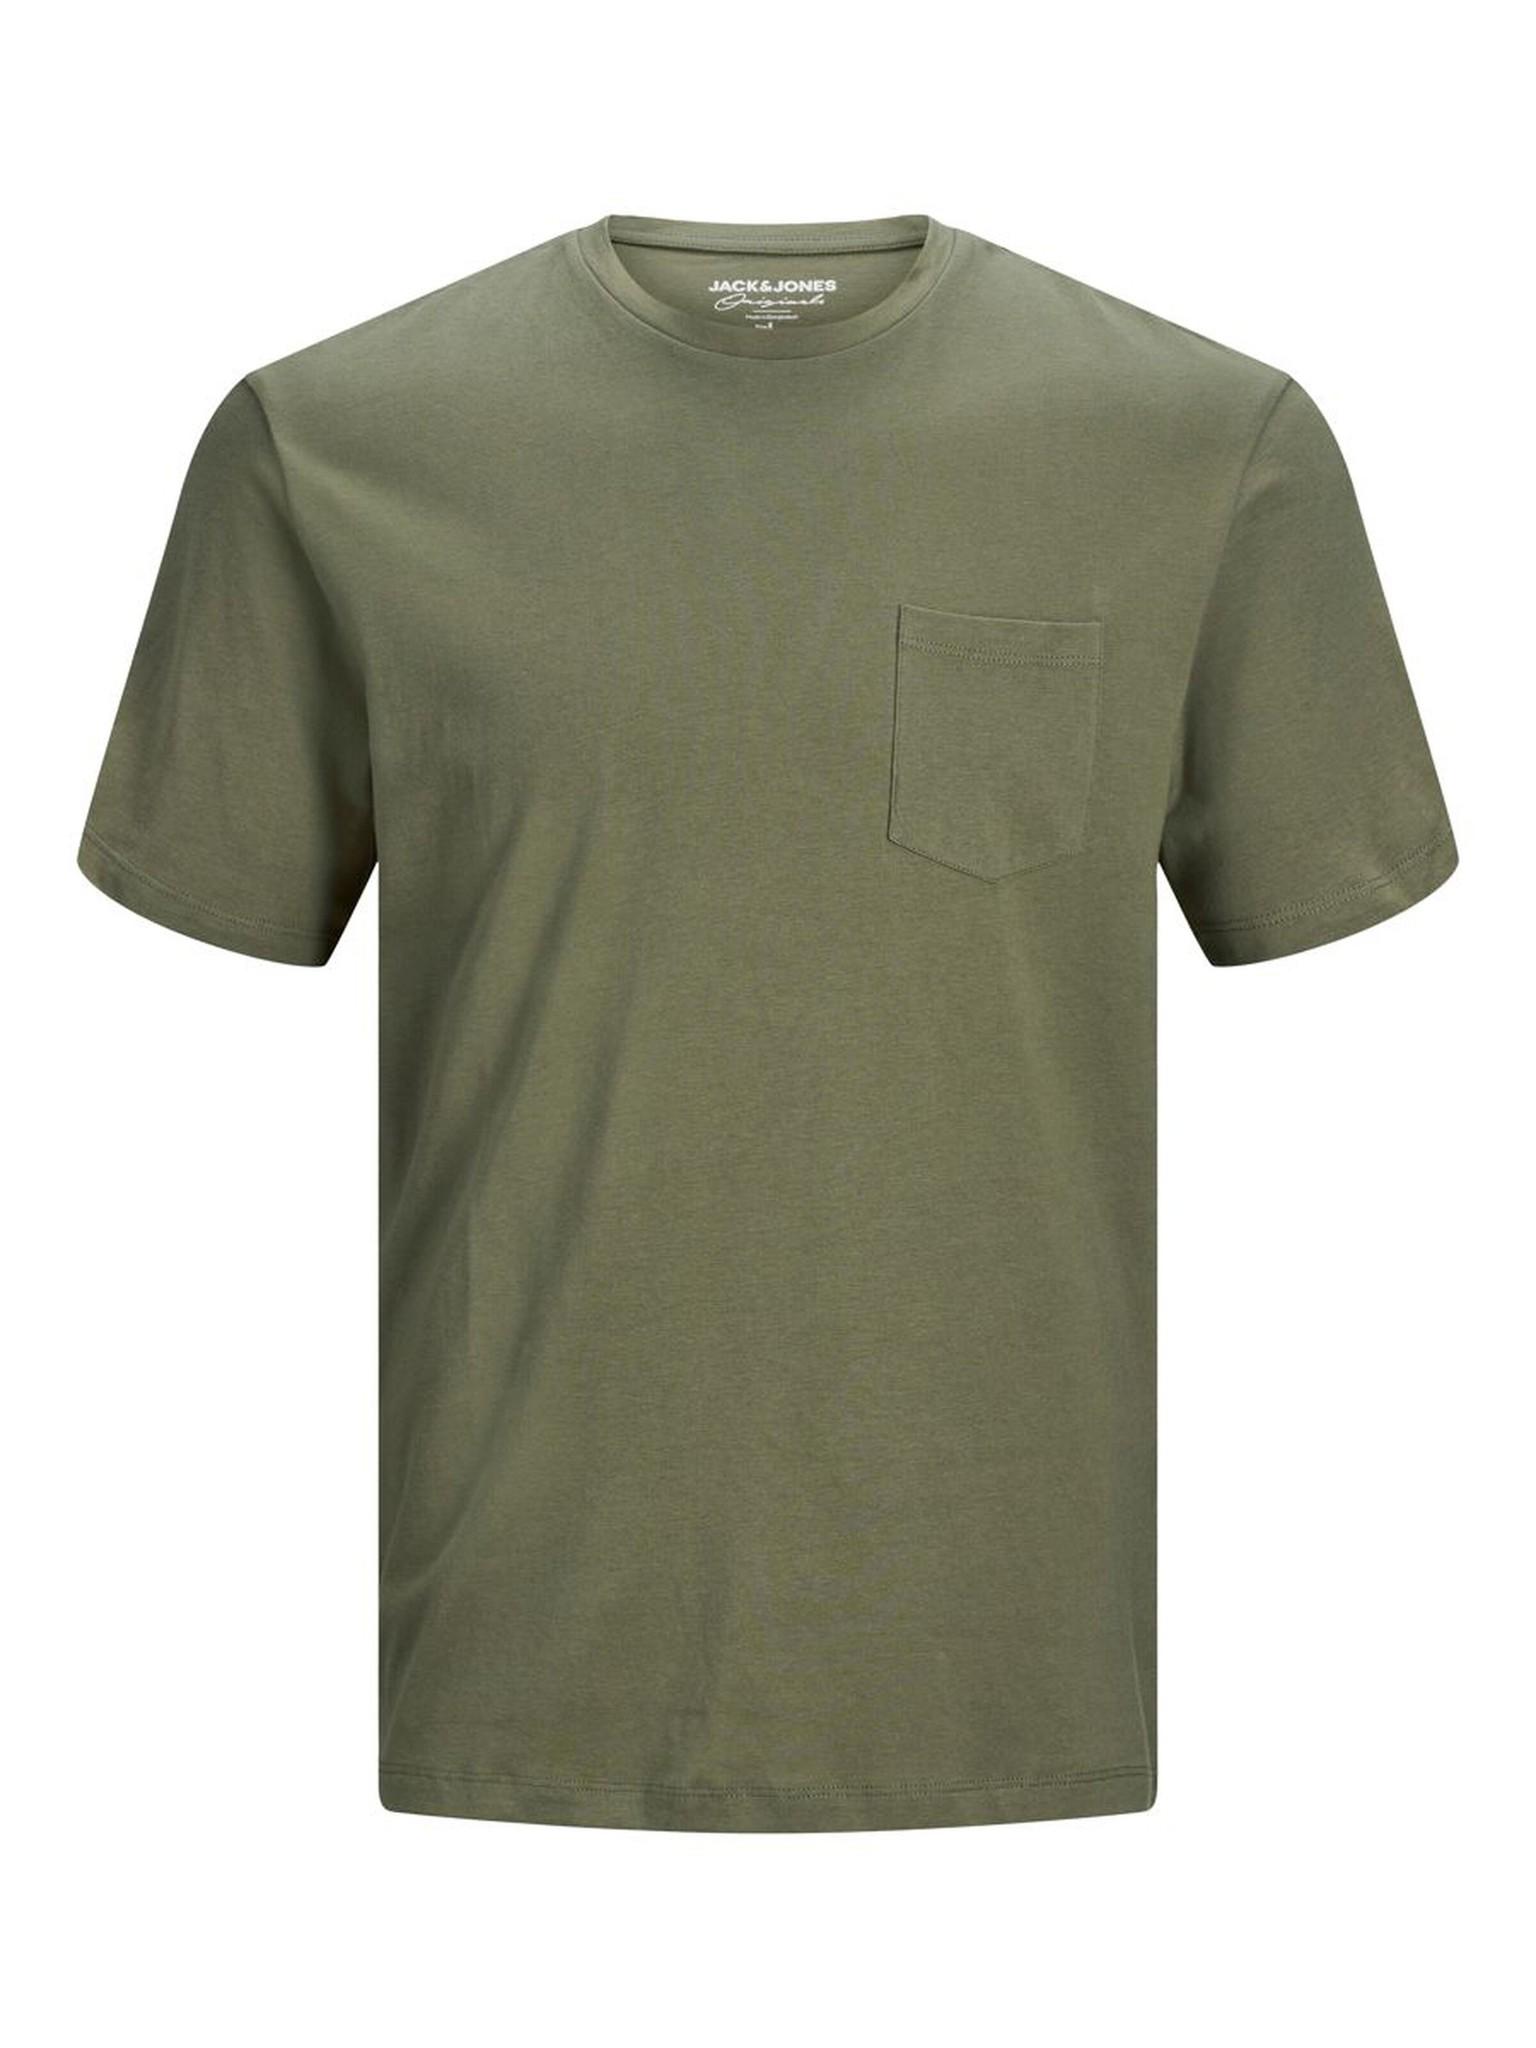 ALDO t-shirt-1